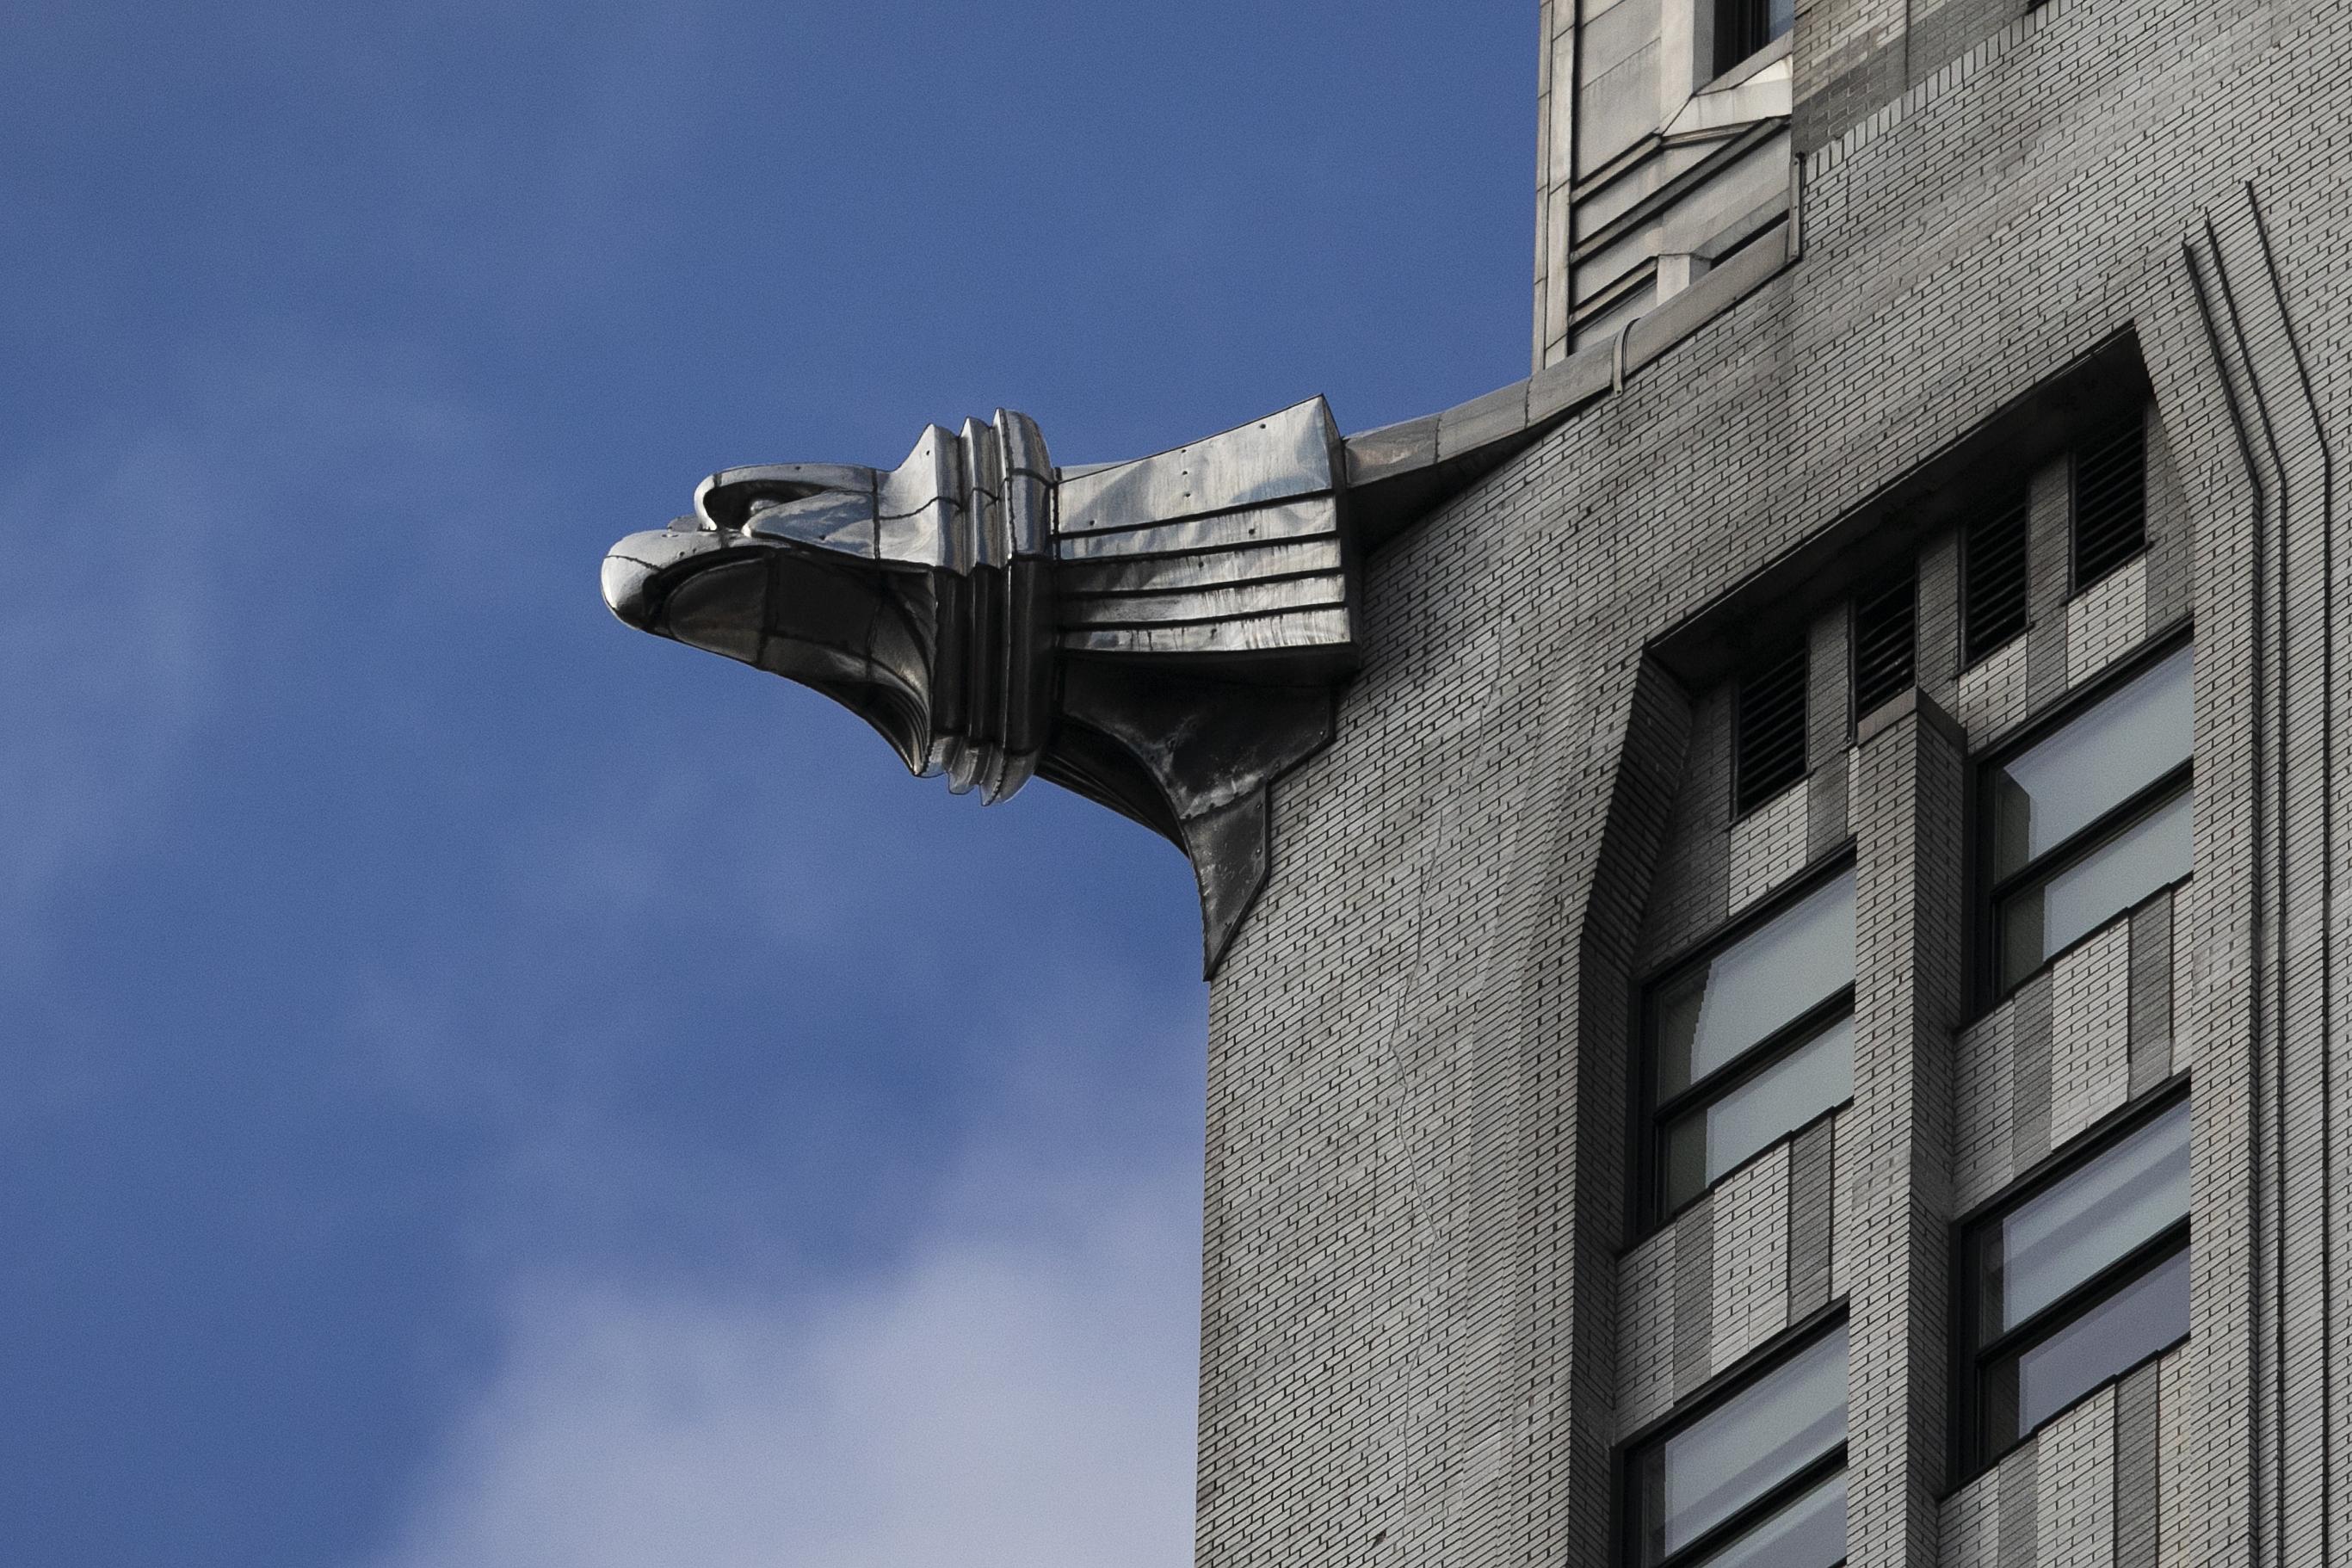 La escultura de un águila en el Edificio Chrysler el miércoles 9 de enero de 2019 en Nueva York. (AP Foto/Mark Lennihan)